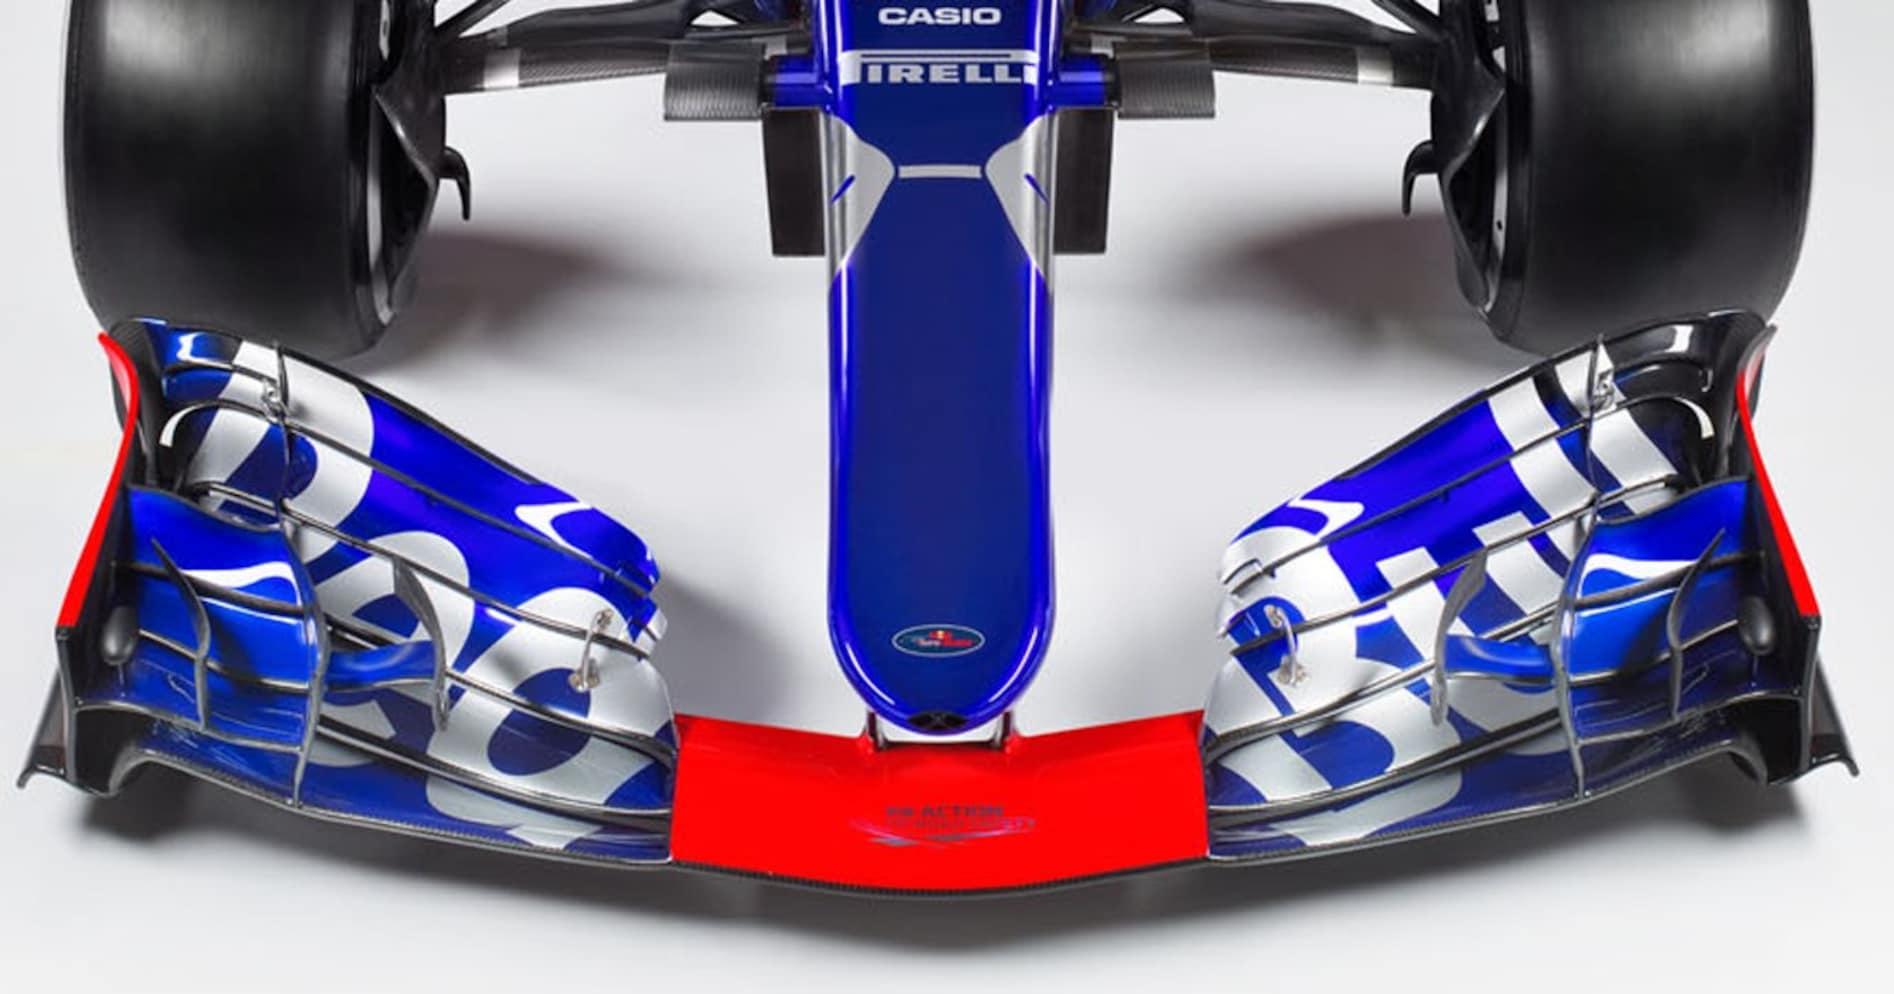 なぜF1のフロントウイングはこうも奇怪なデザインなのか?